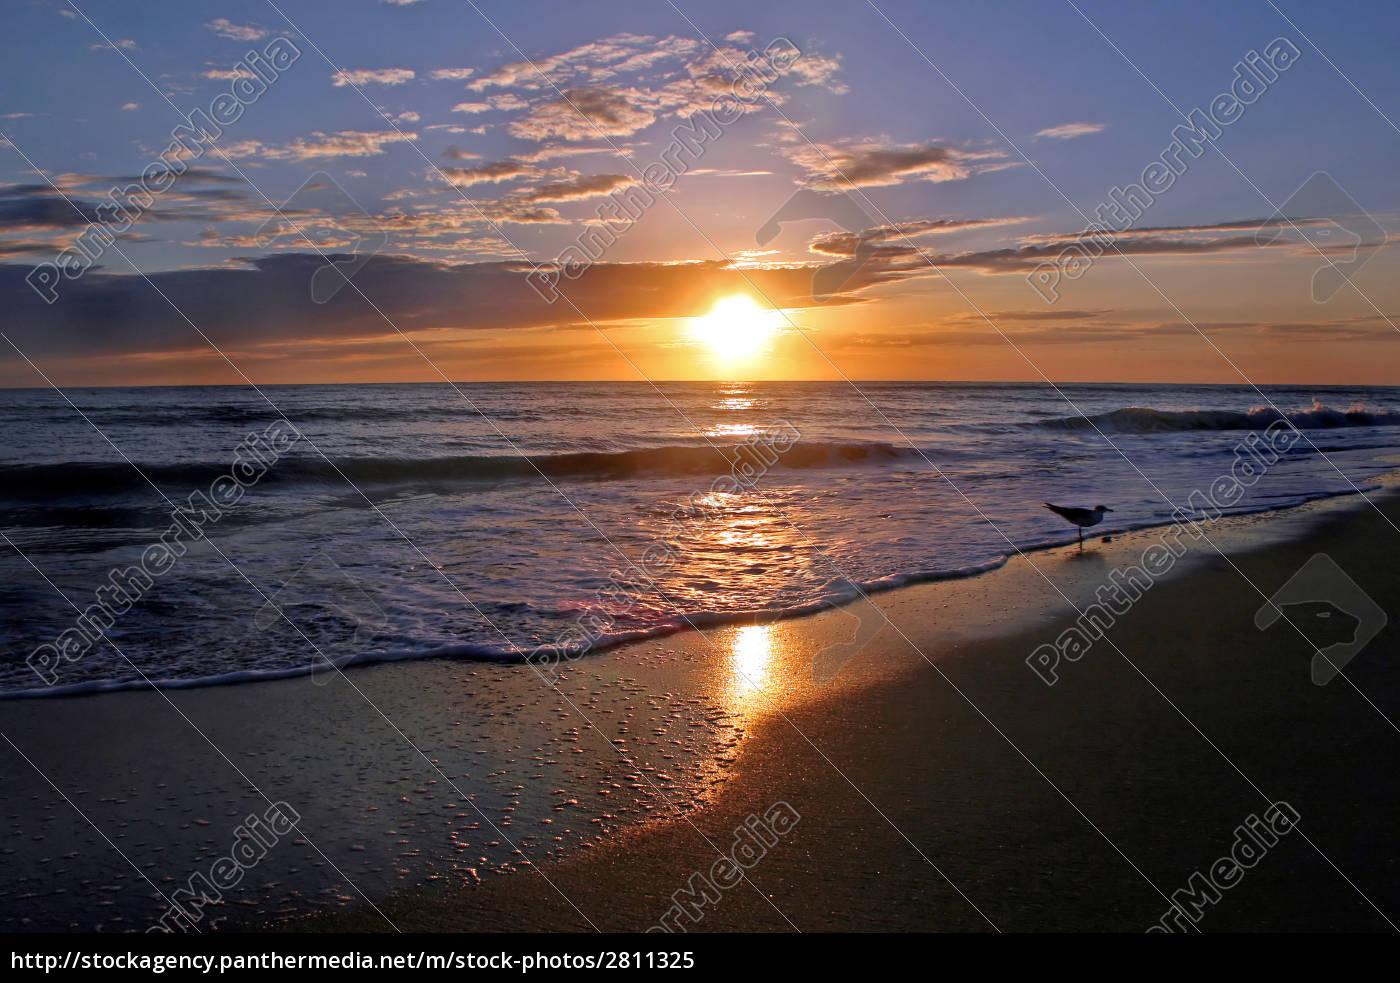 shining, sunset - 2811325